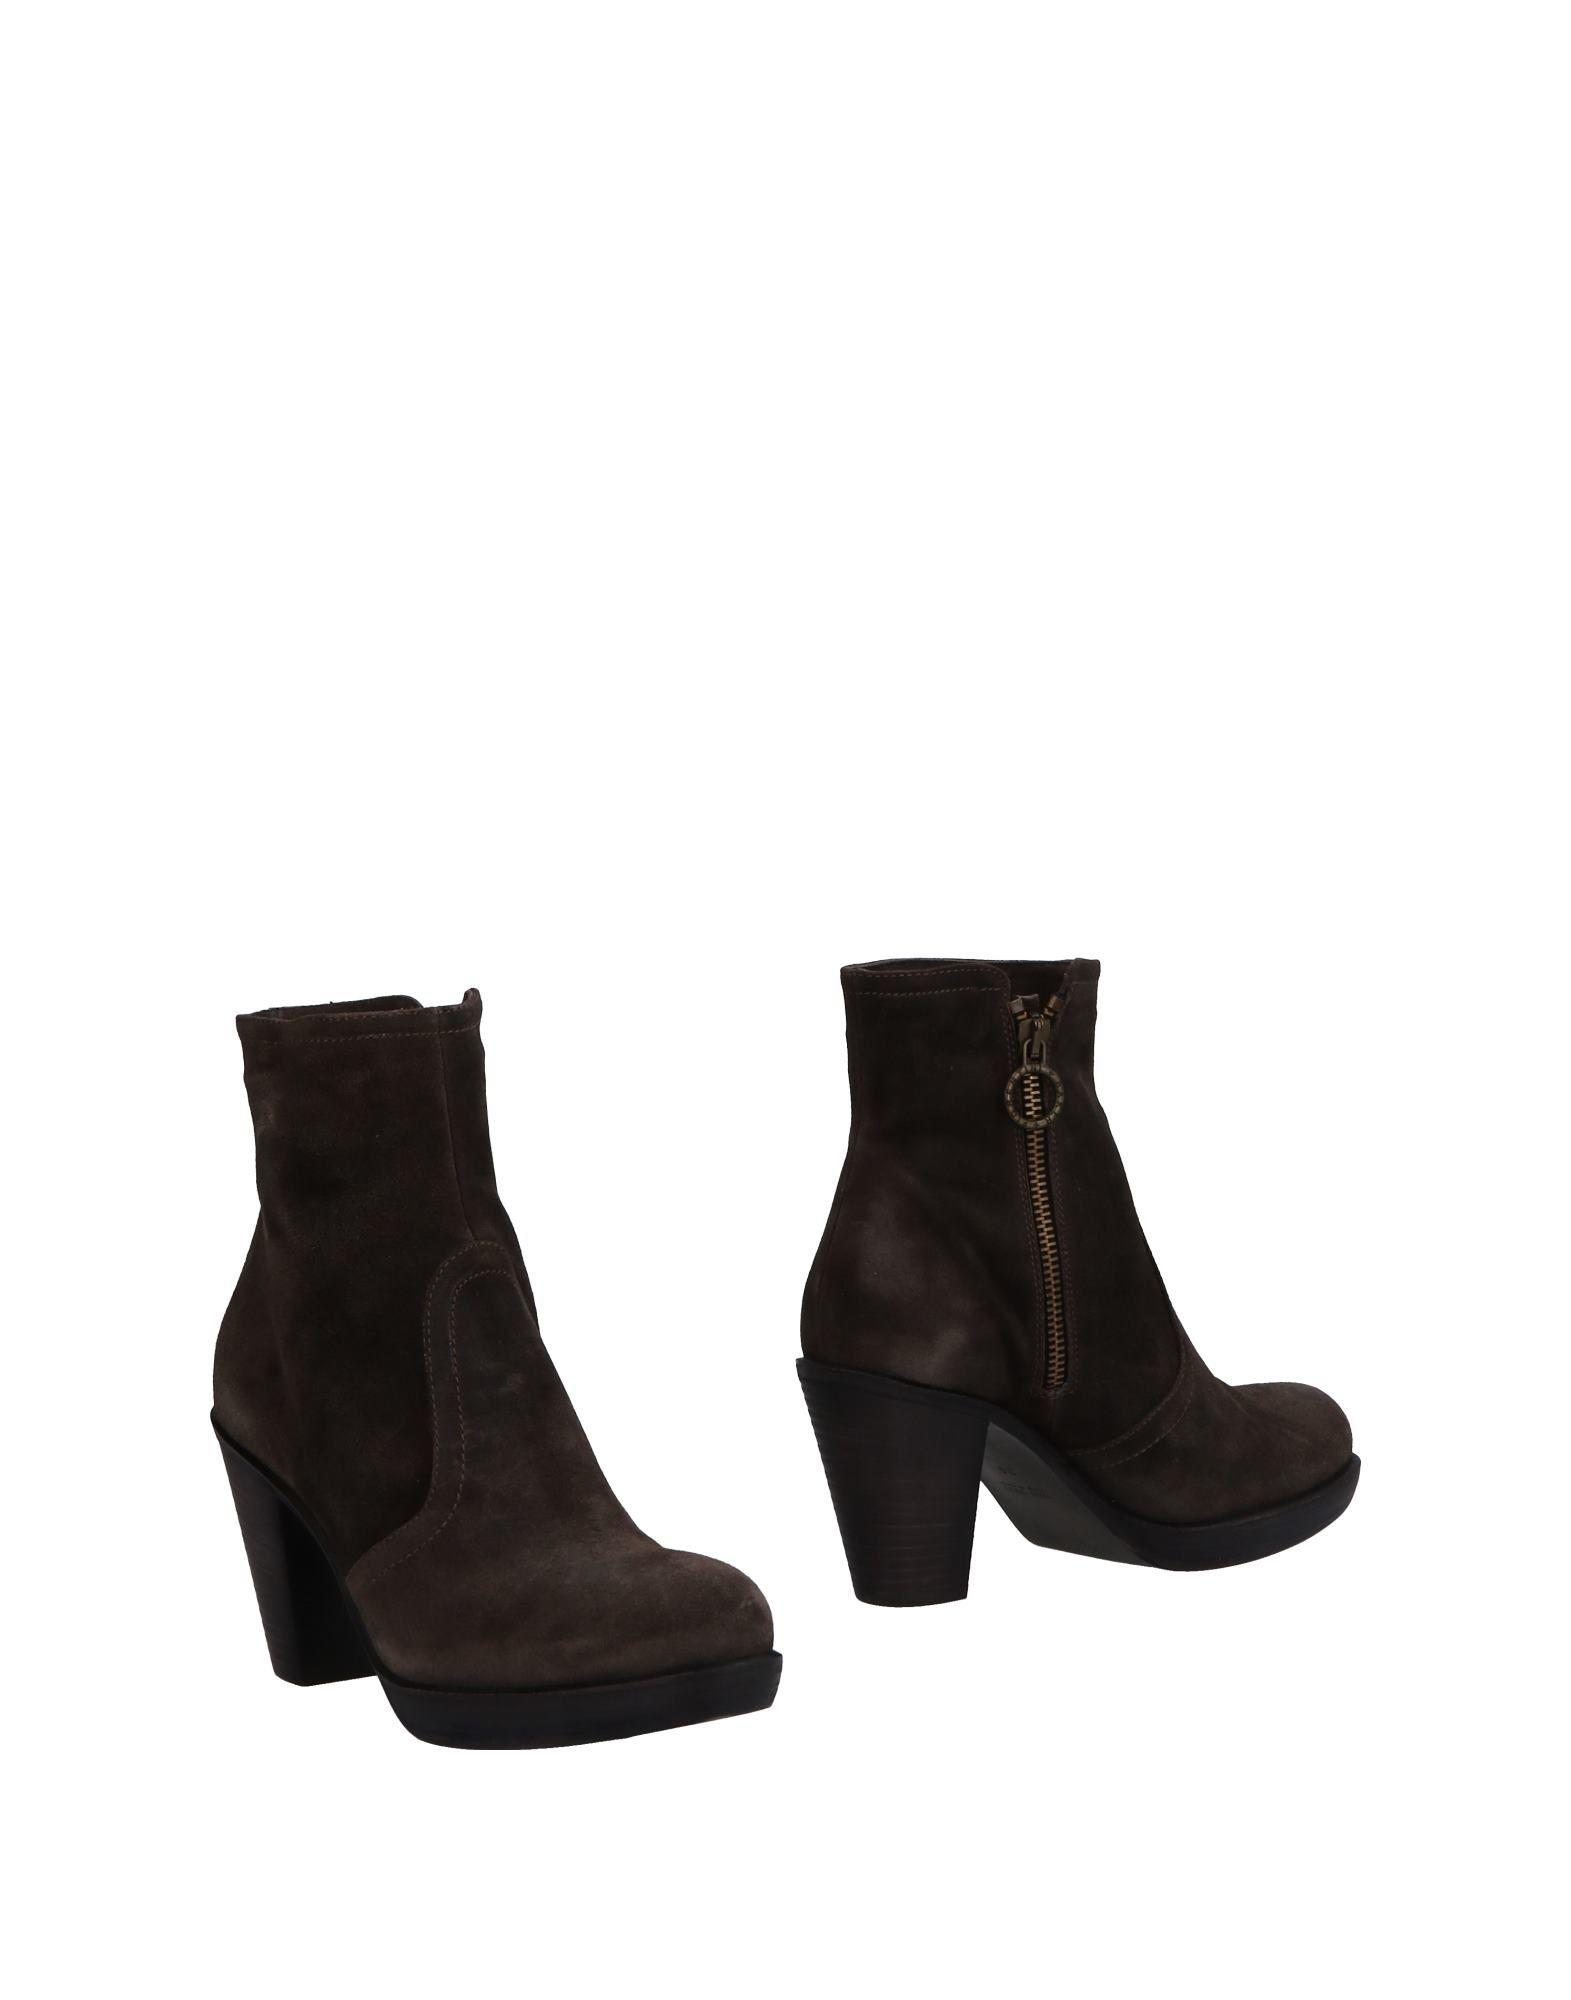 Sneakers Diadora Uomo - 11535910WV Scarpe economiche e buone